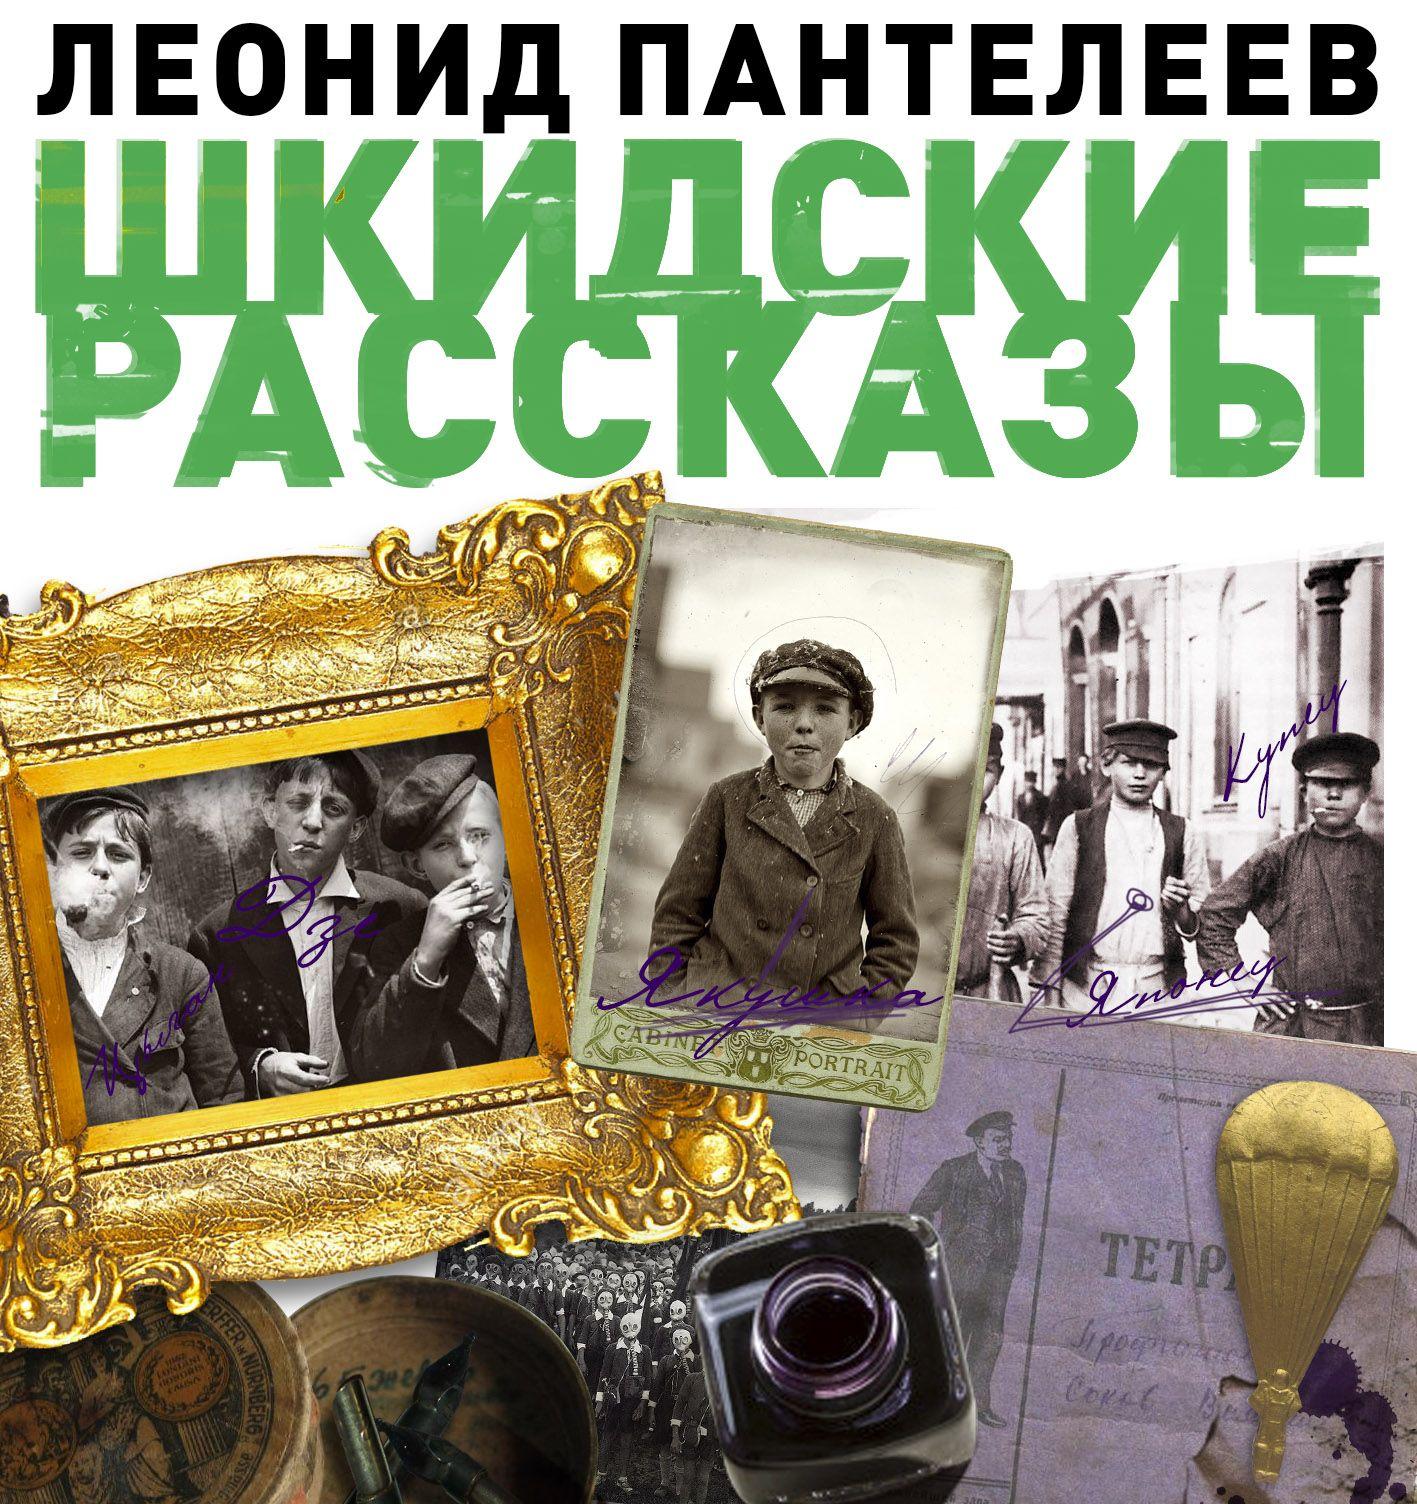 Купить книгу Шкидские рассказы, автора Леонида Пантелеева